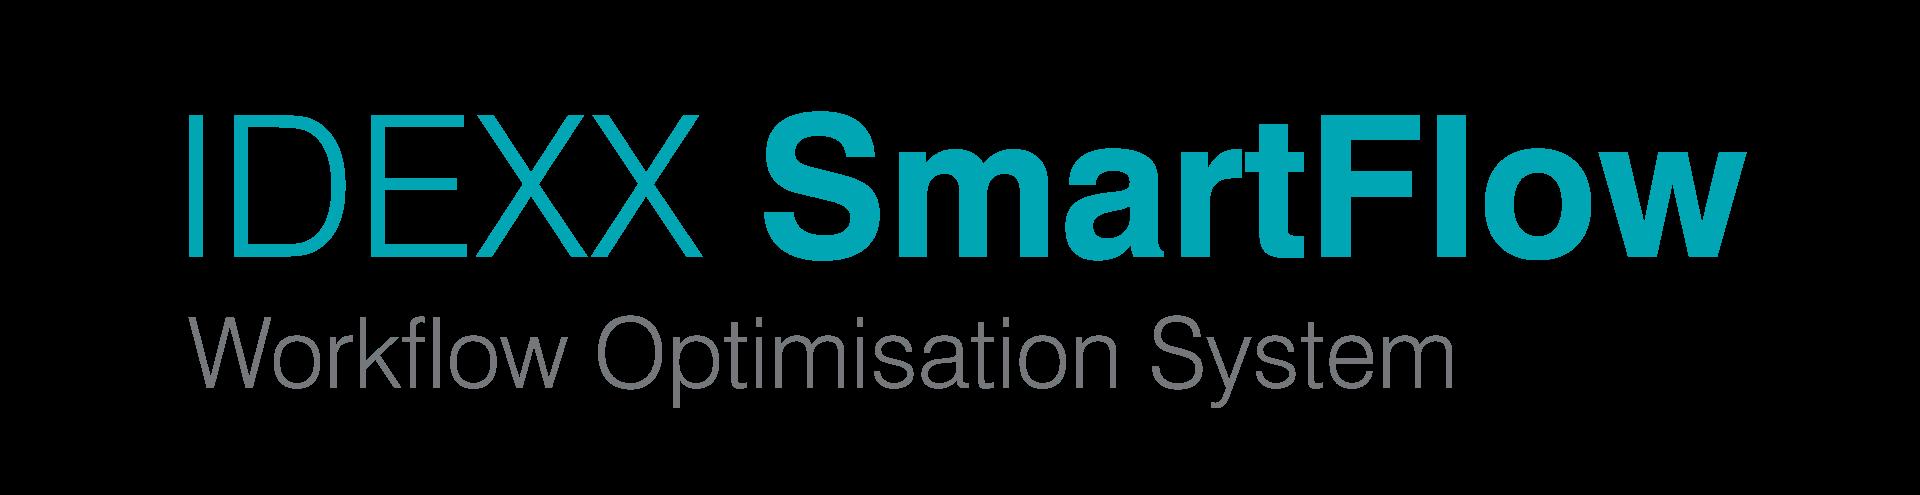 IDEXX SmartFlow Logo